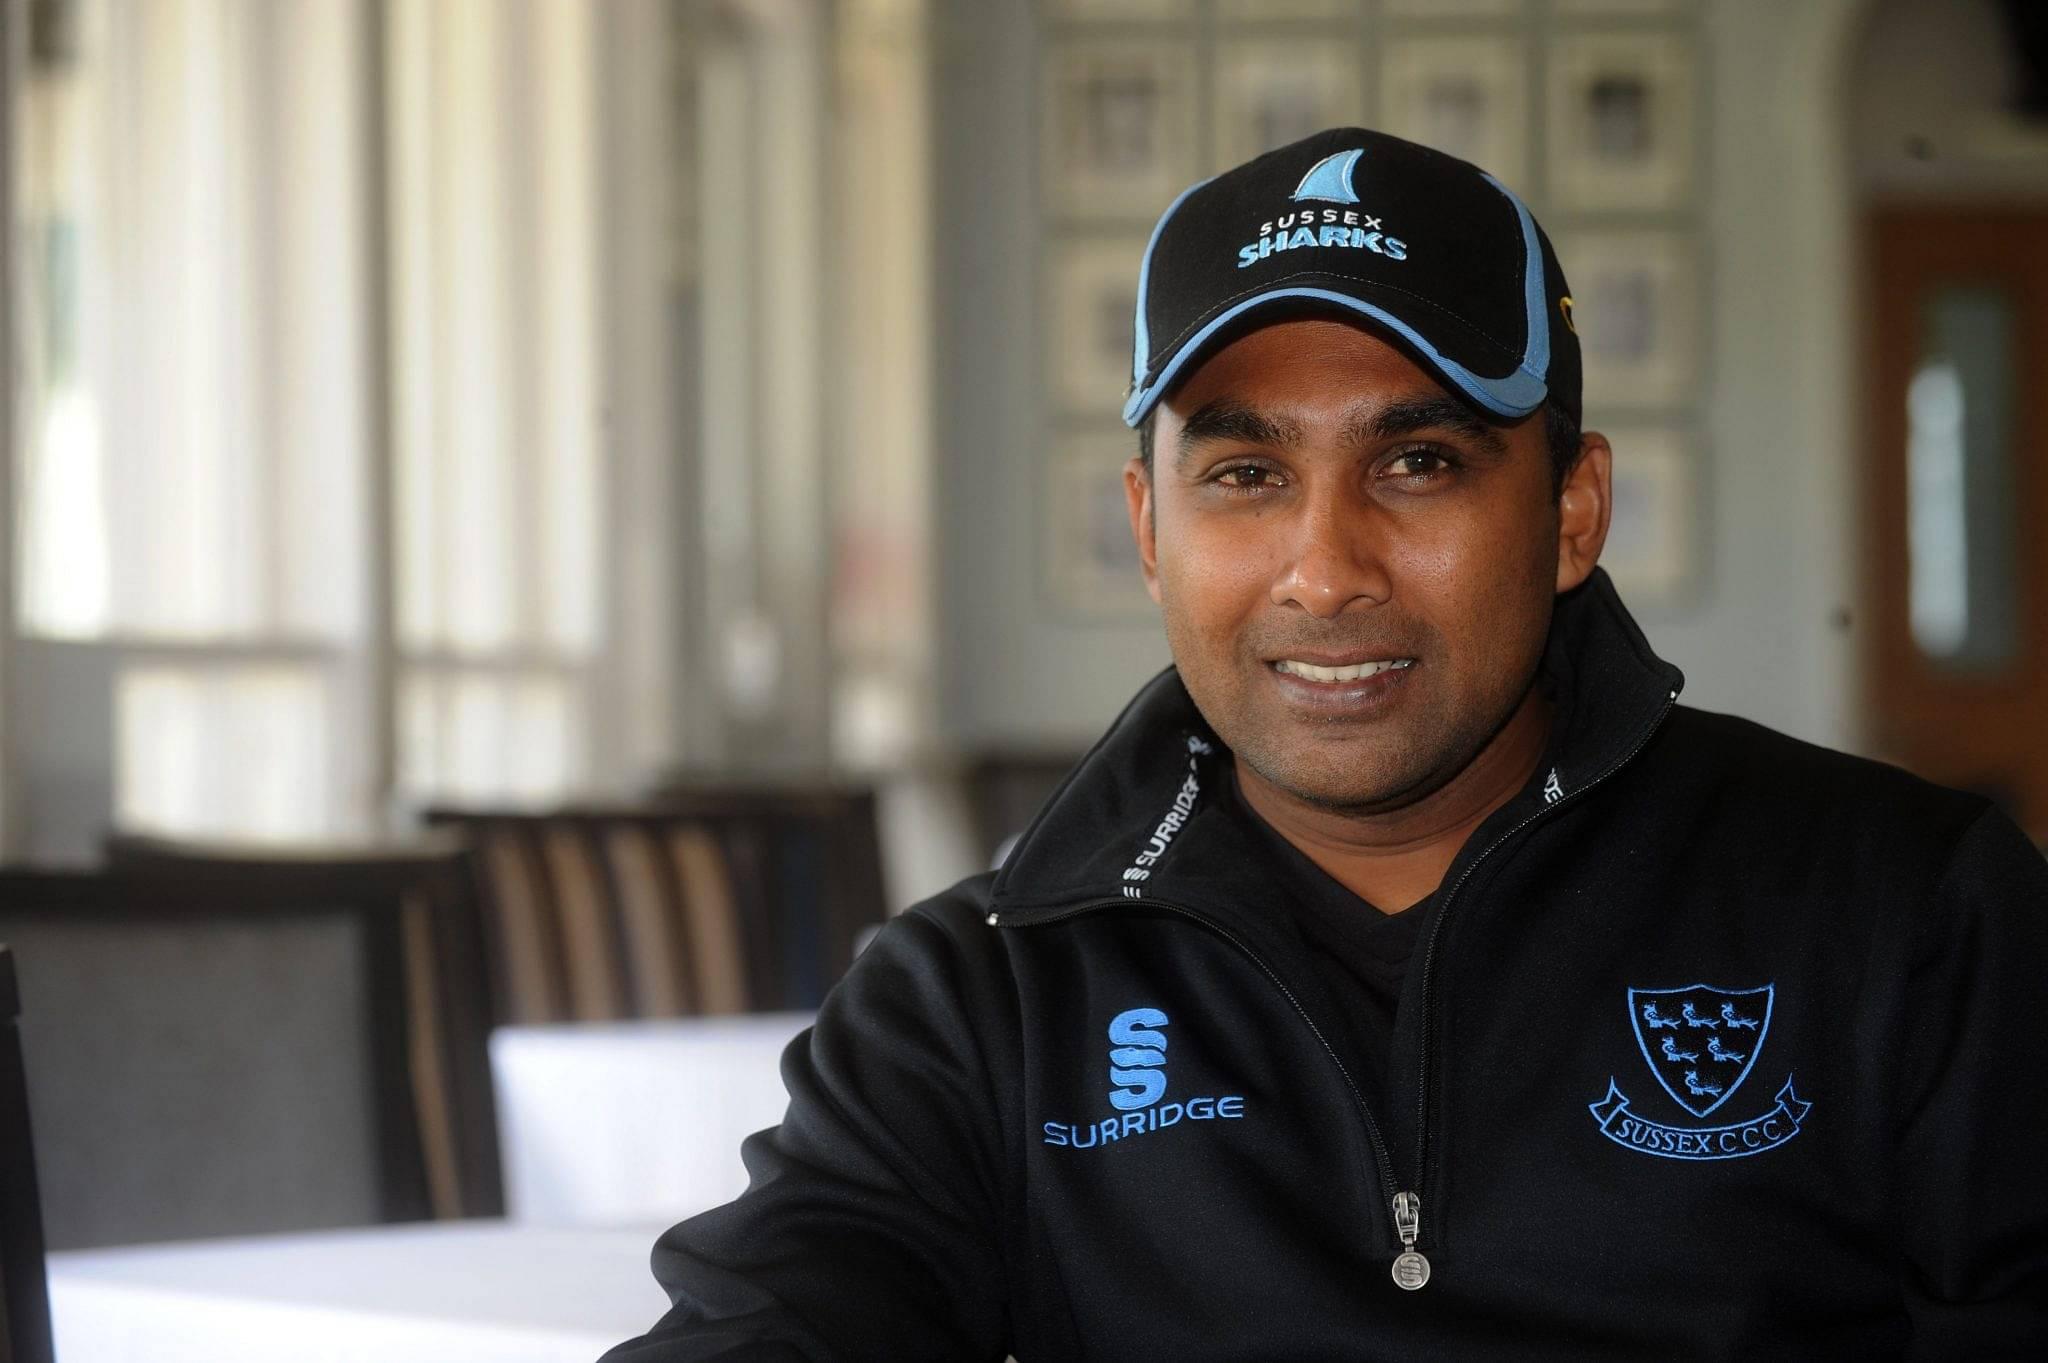 Former Sri Lanka captain Mahela Jayawardene has replaced Ricky Ponting as the head coach of Mumbai Indians